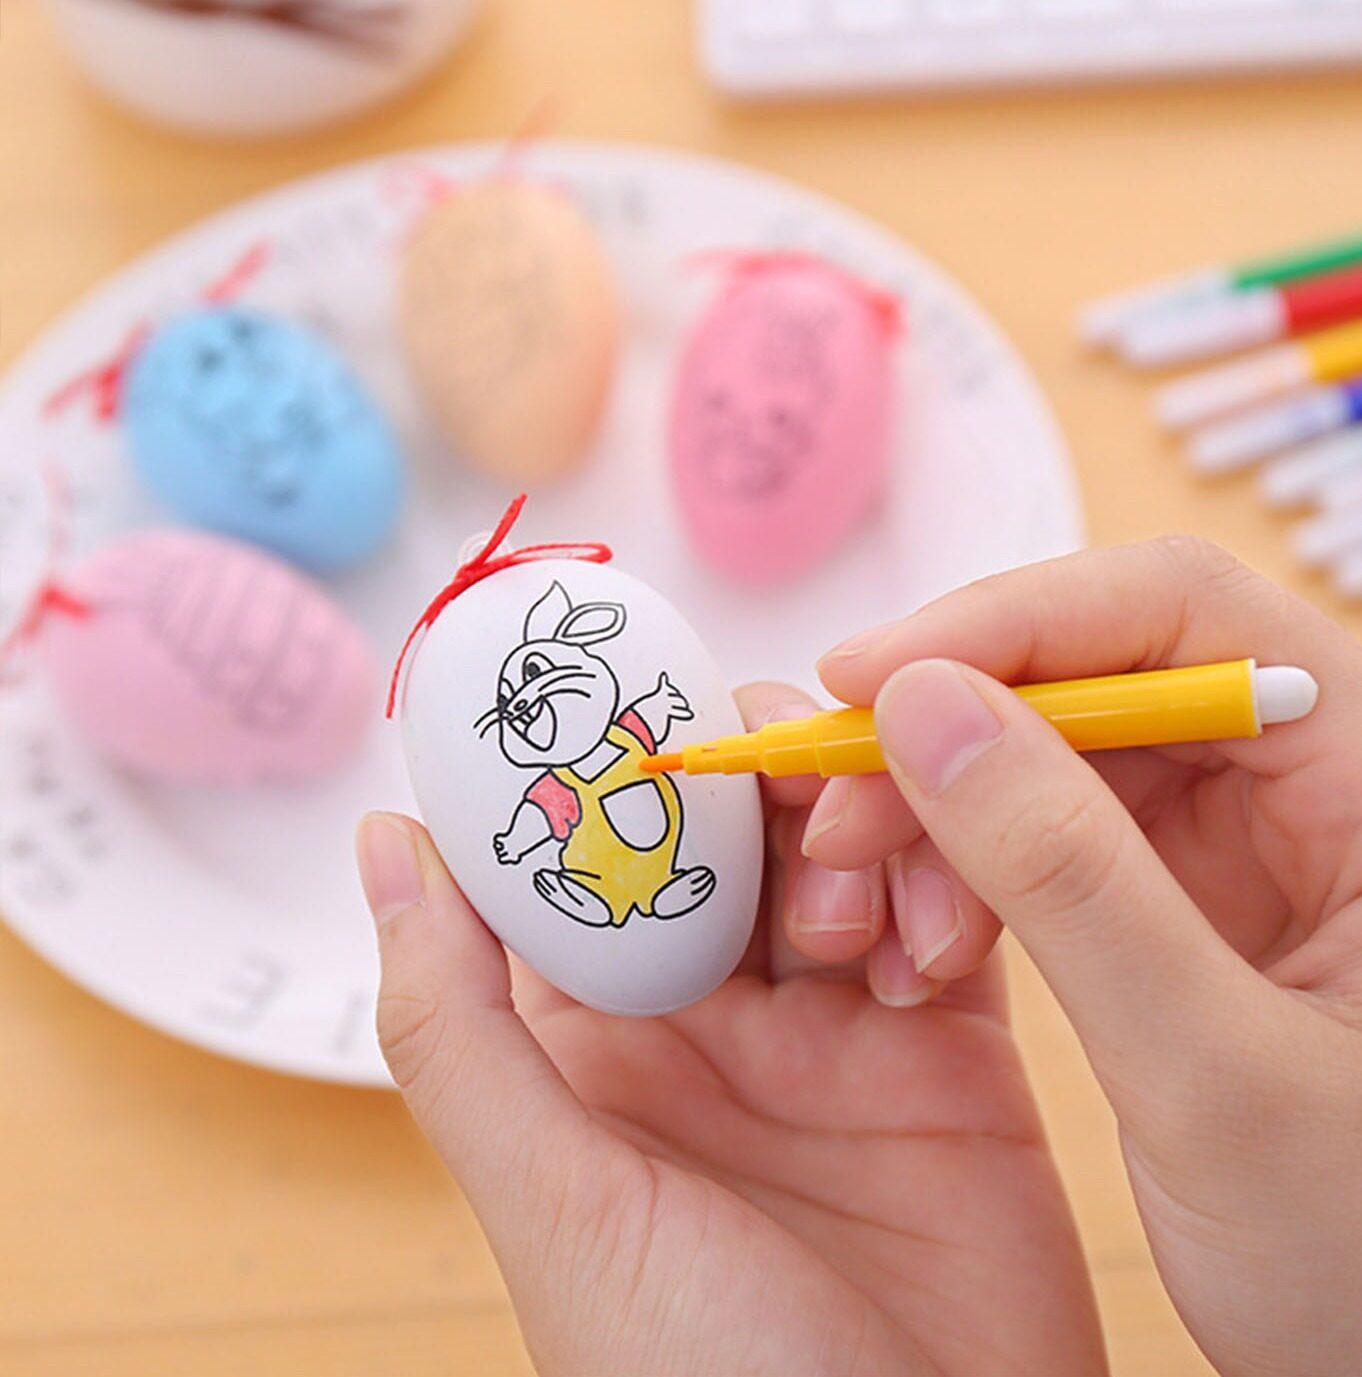 ชุดระบายสีไข่ ไข่ระบายสี ระบายสี ไข่ คละสี คละลาย เสริมพัฒนาการ ฝึกสมาธิ เด็กเล็ก พร้อมสีเมจิก พร้อมสี 1 ชุด พร้อมส่ง จากไทย ถูกที่สุด.